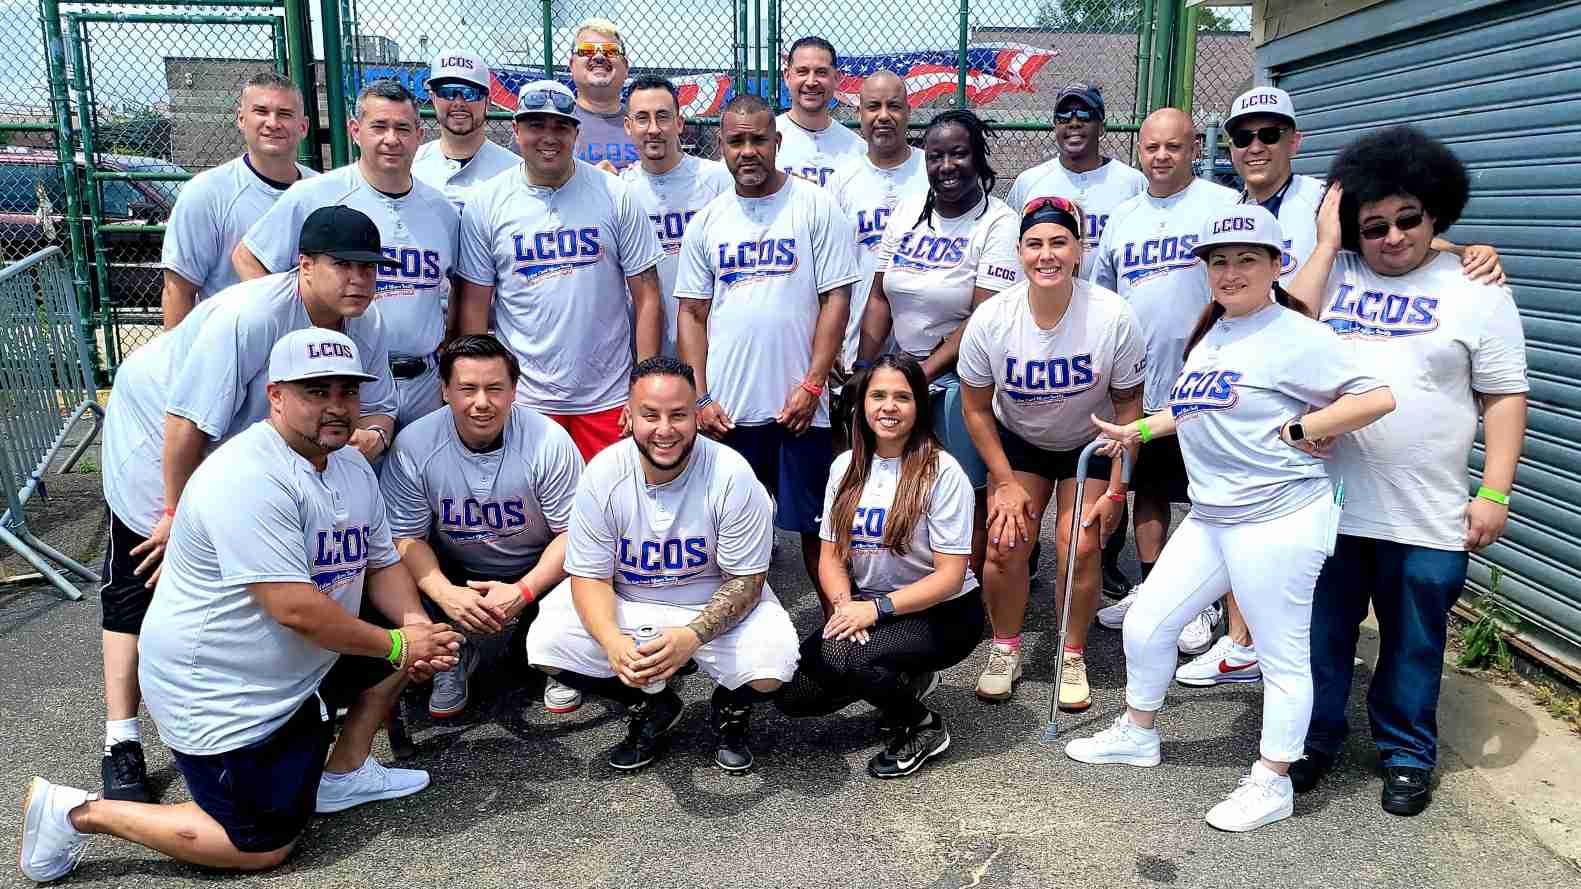 Team LCOS June 26, 2021